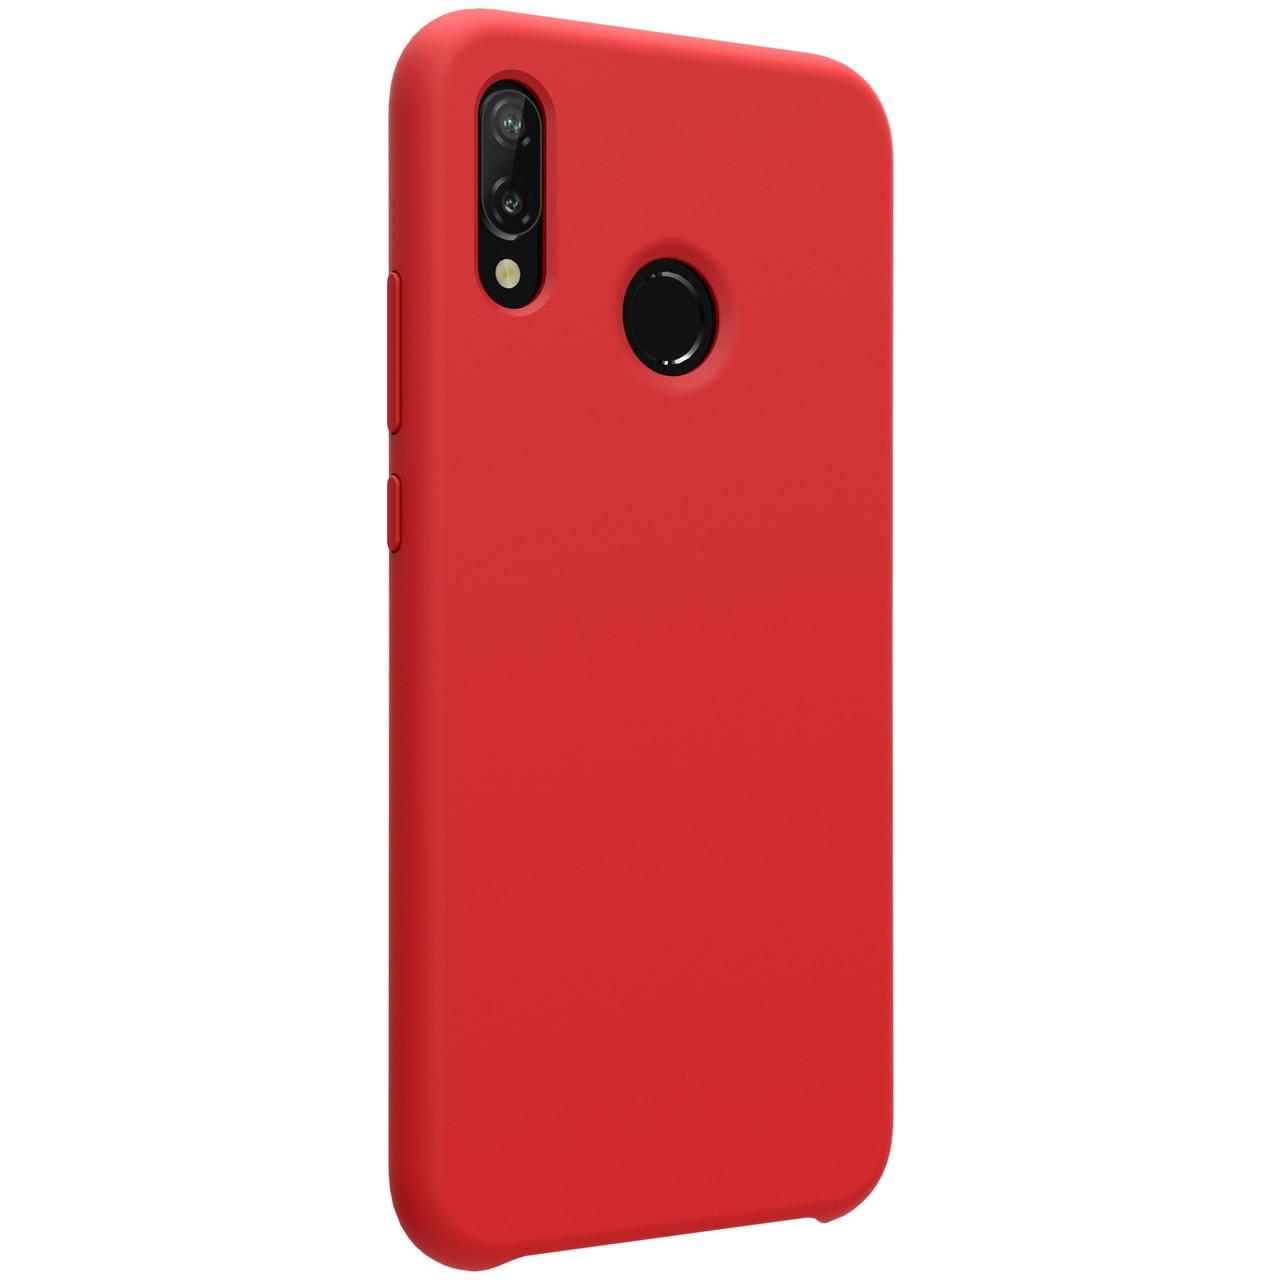 Huawei P20 Lite Flex Pure Soft Premium TPU Case by Nillkin - Red